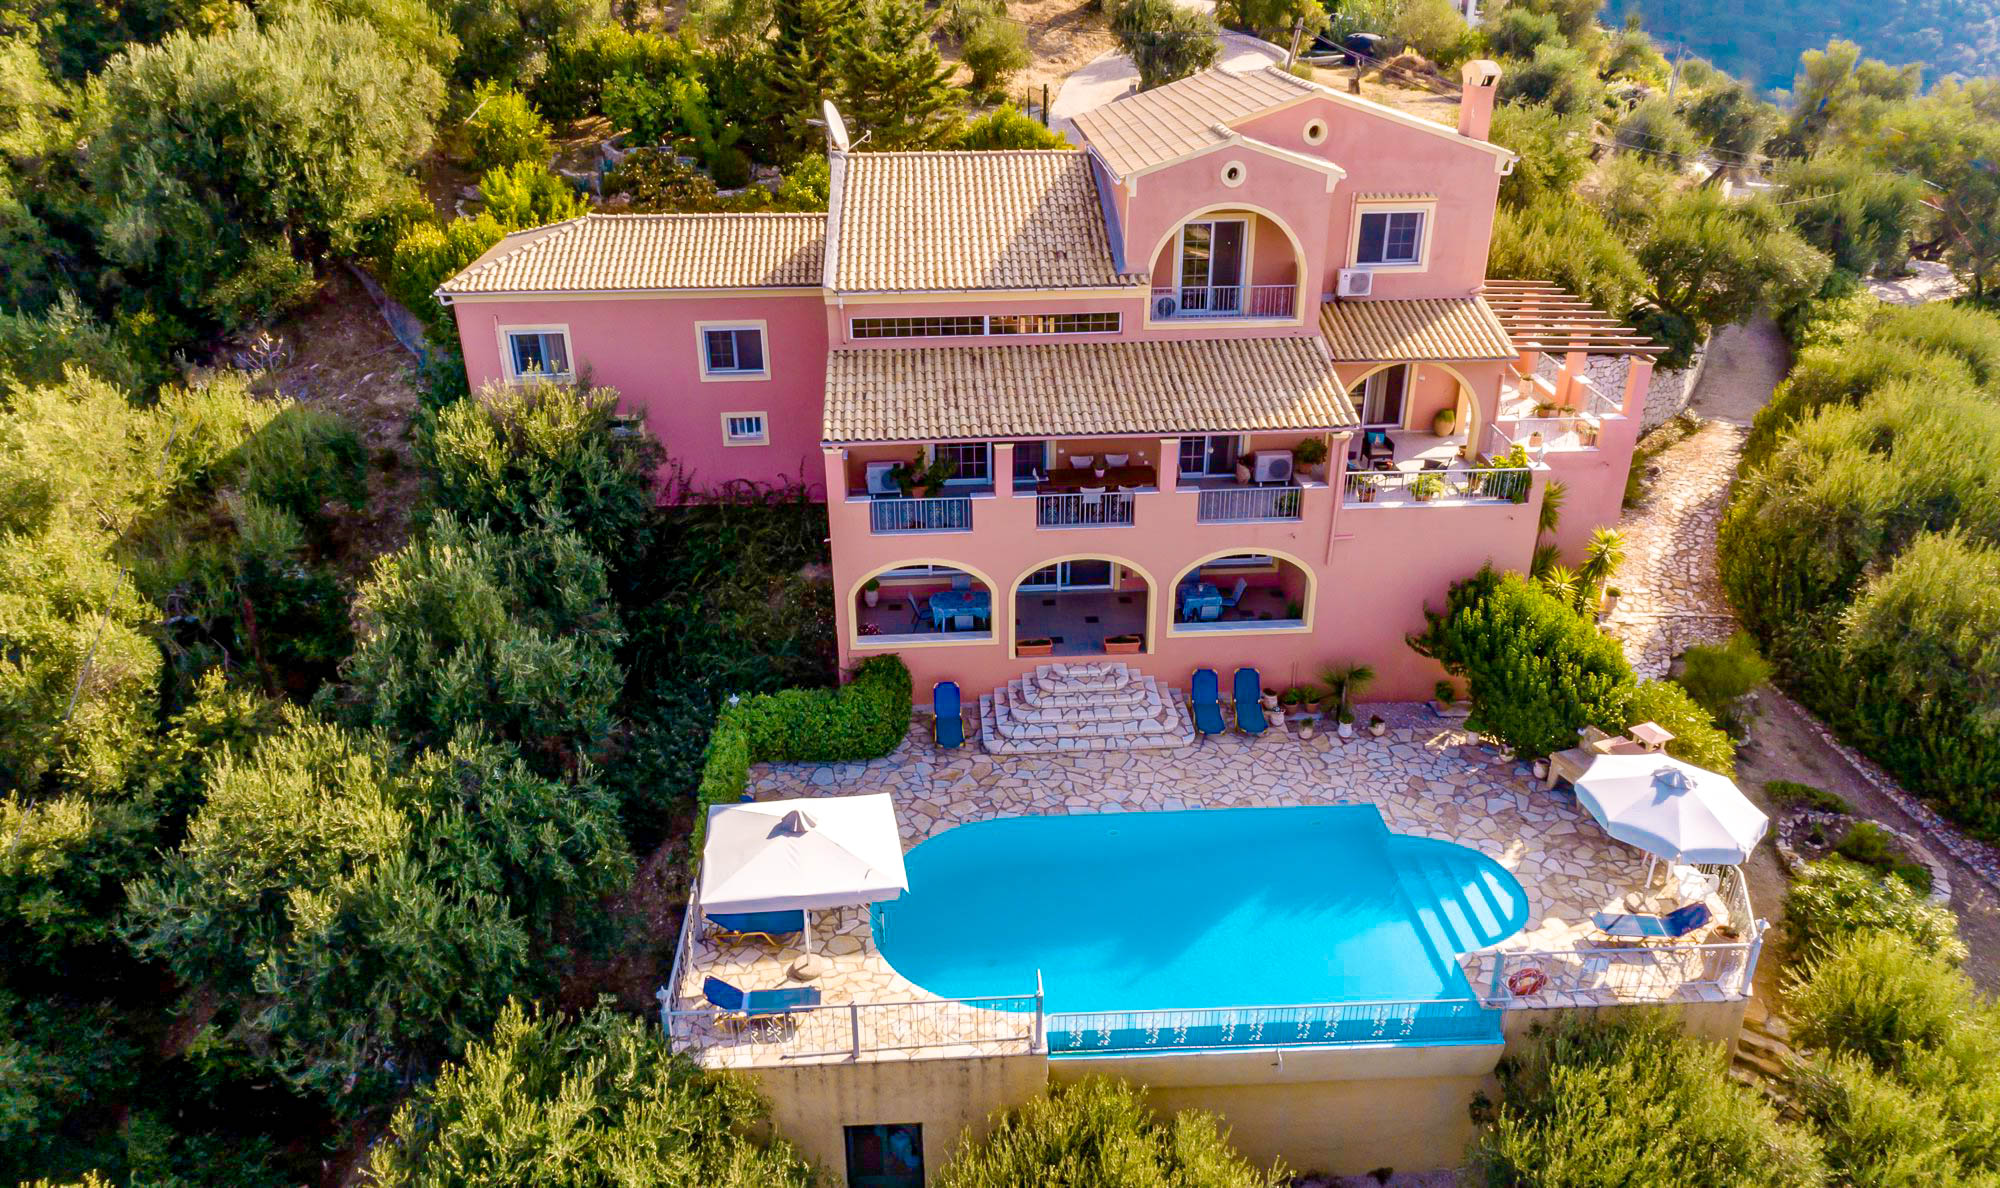 Villa for Sale Nissaki Corfu Greece, Viglatsouri area